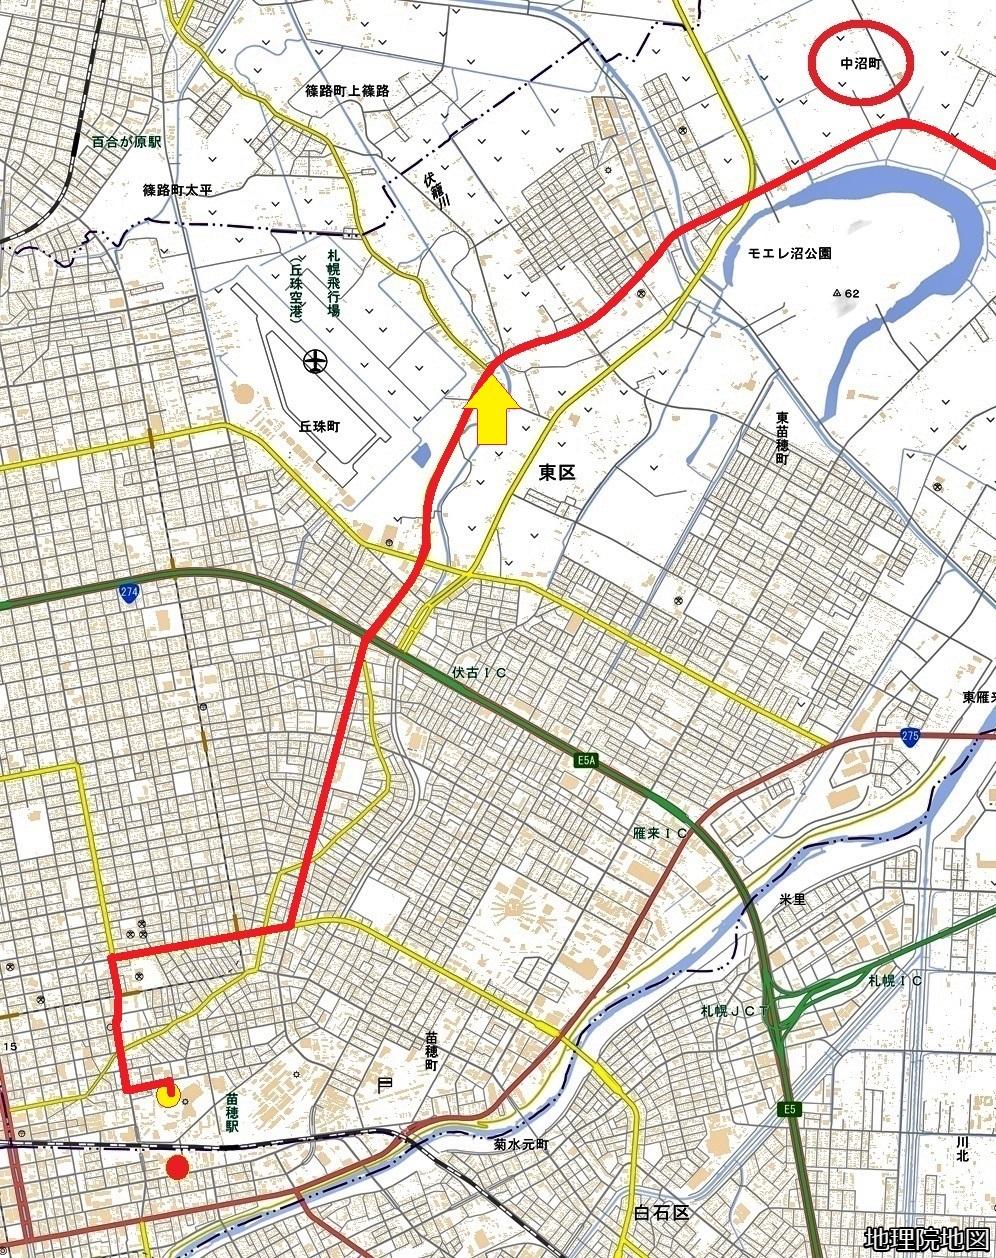 現在図 電柱「中沼幹」 中沼方面バス路線、中沼町